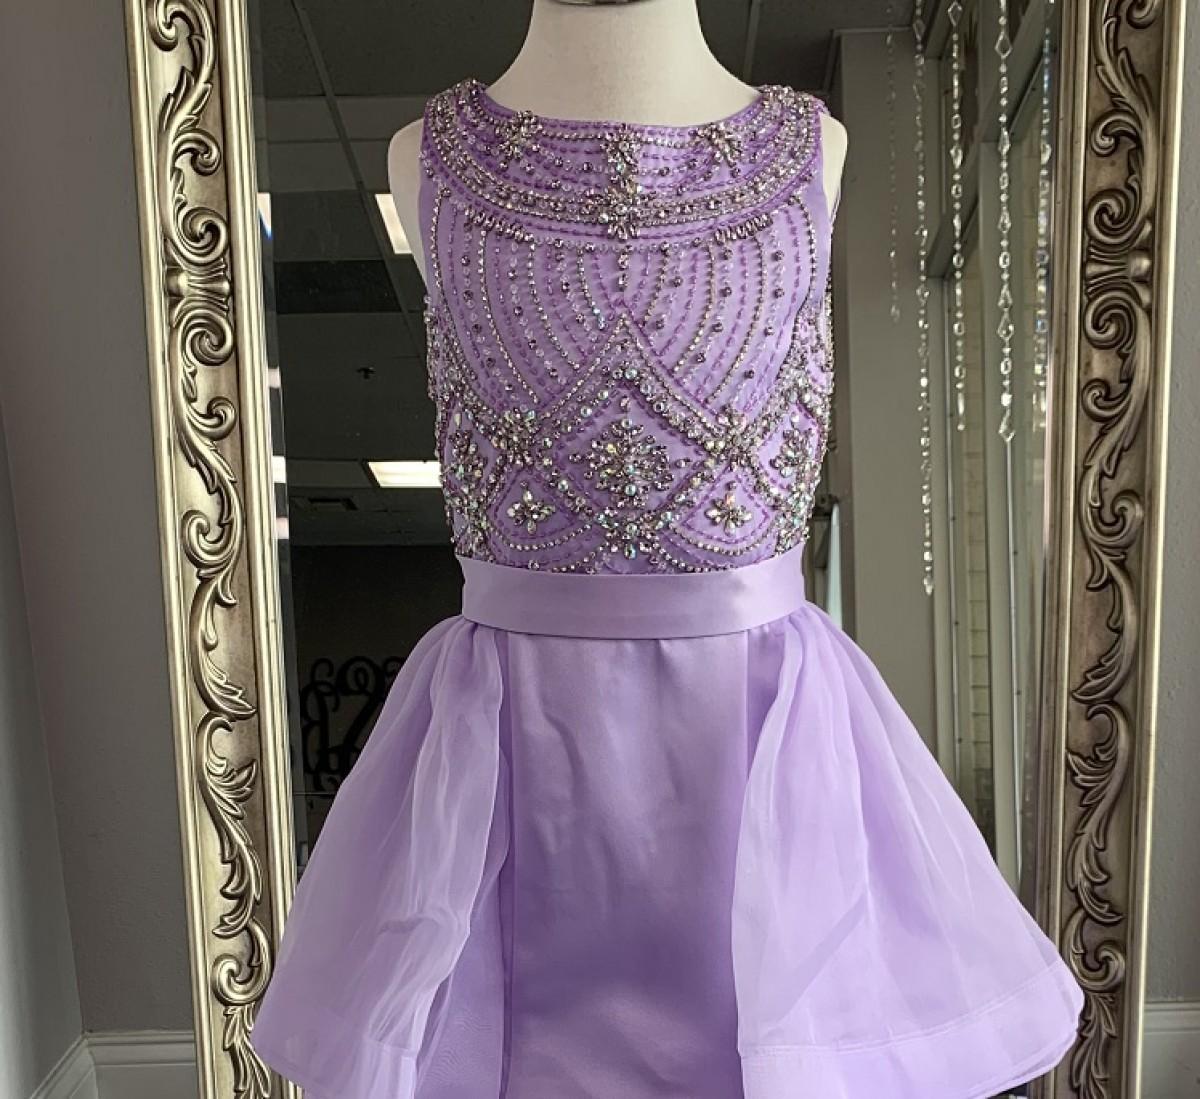 ASHLEY Lauren Kids Dress 8022 Girls Pageant Lilac Size 10 W/ Detachable Train